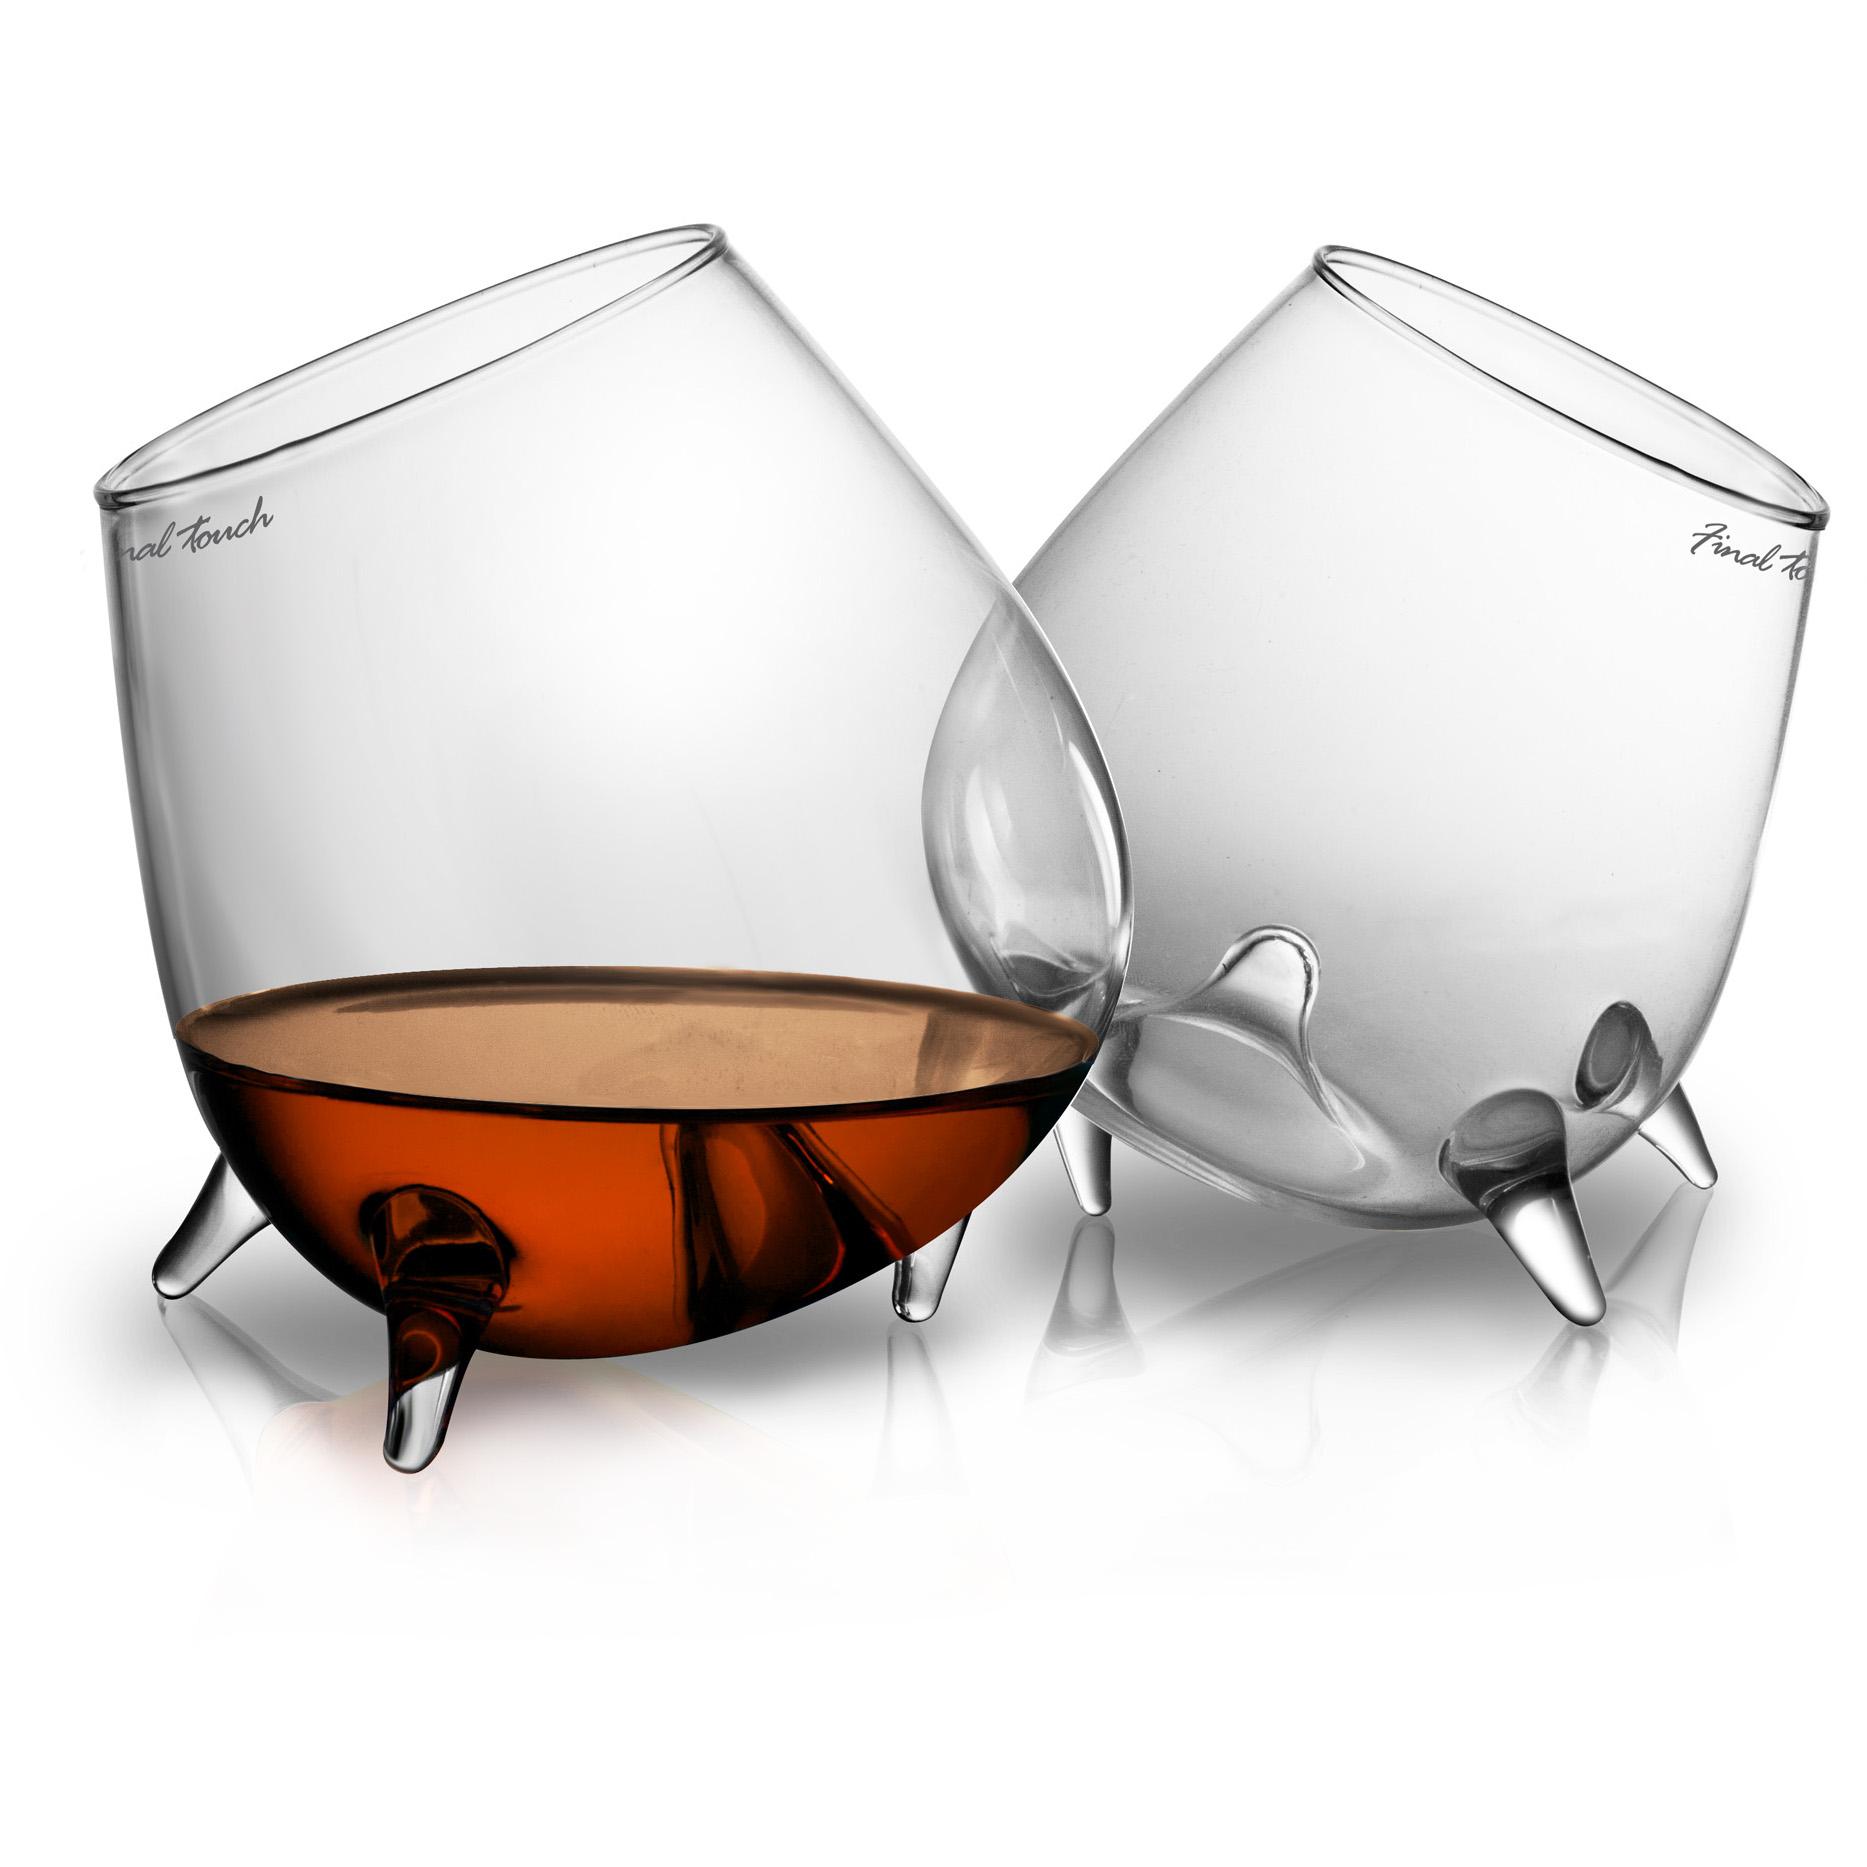 Final Touch Relax Cognac Glass, Set of 2